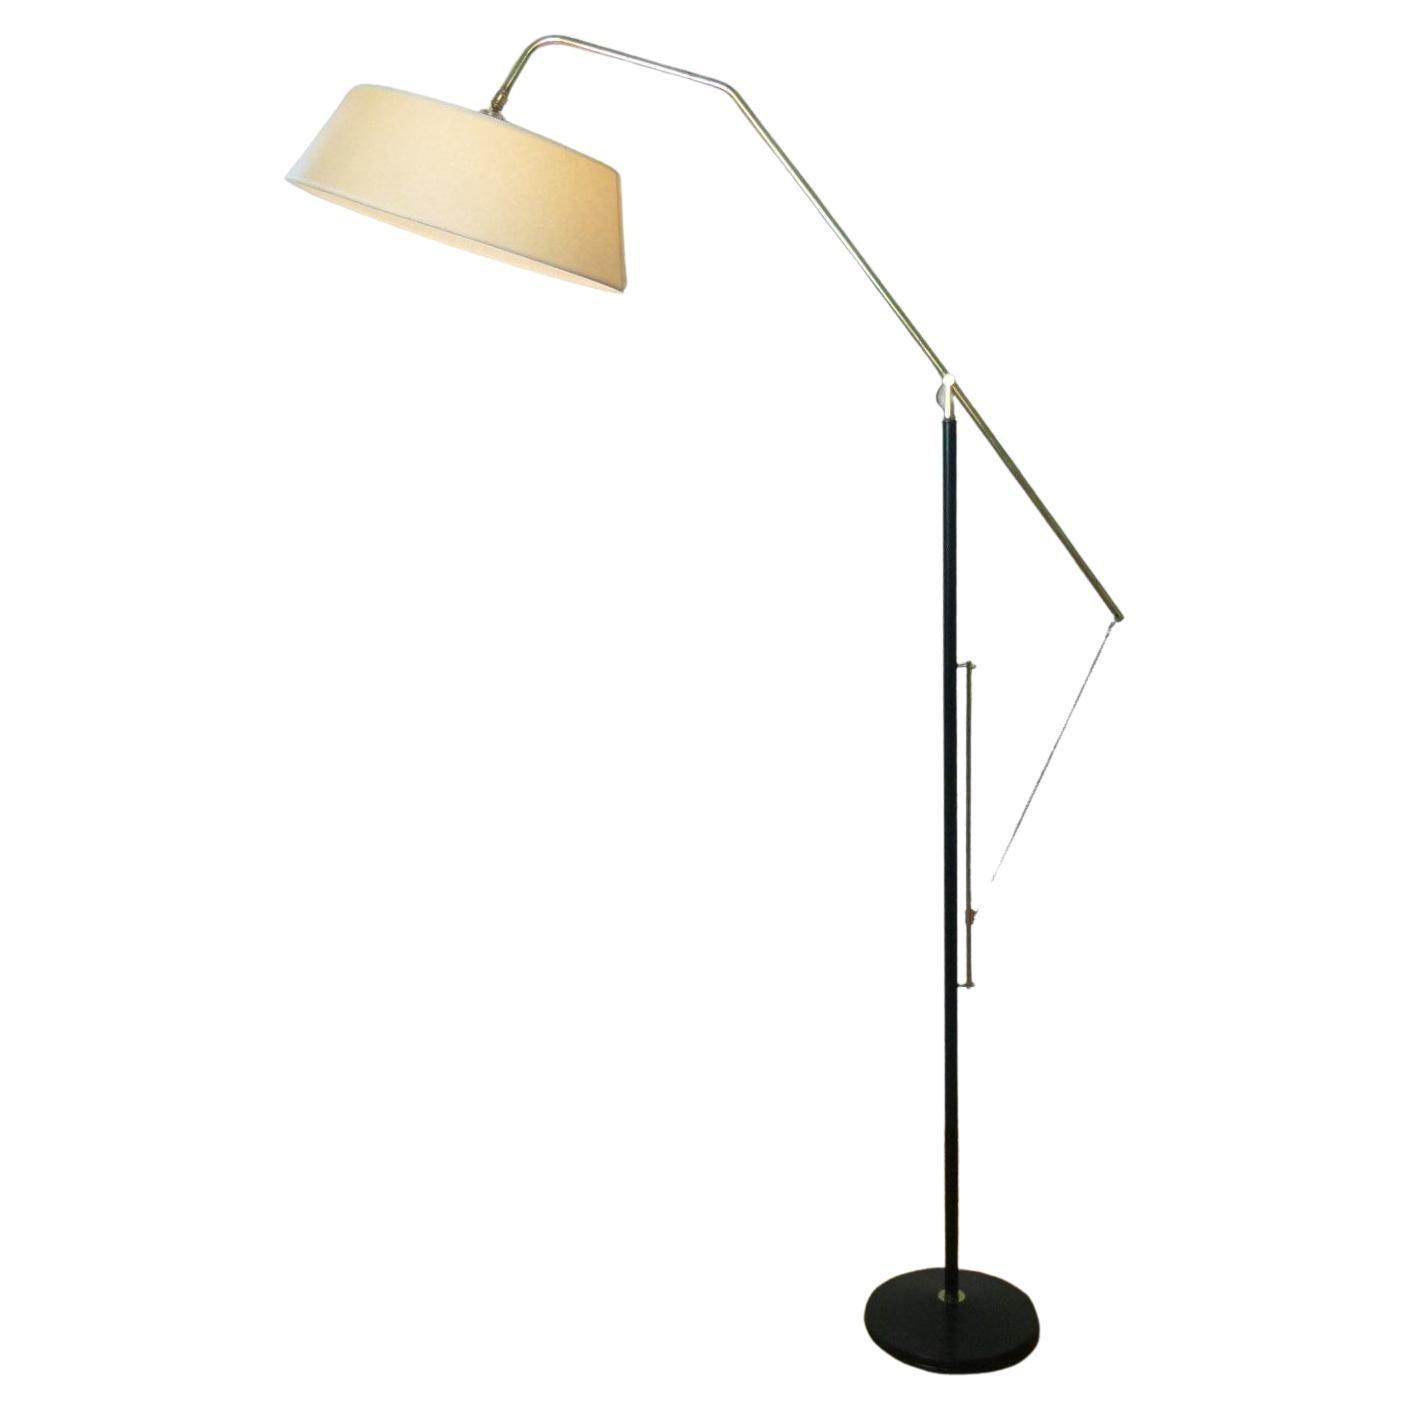 Arlus Floor Lamps